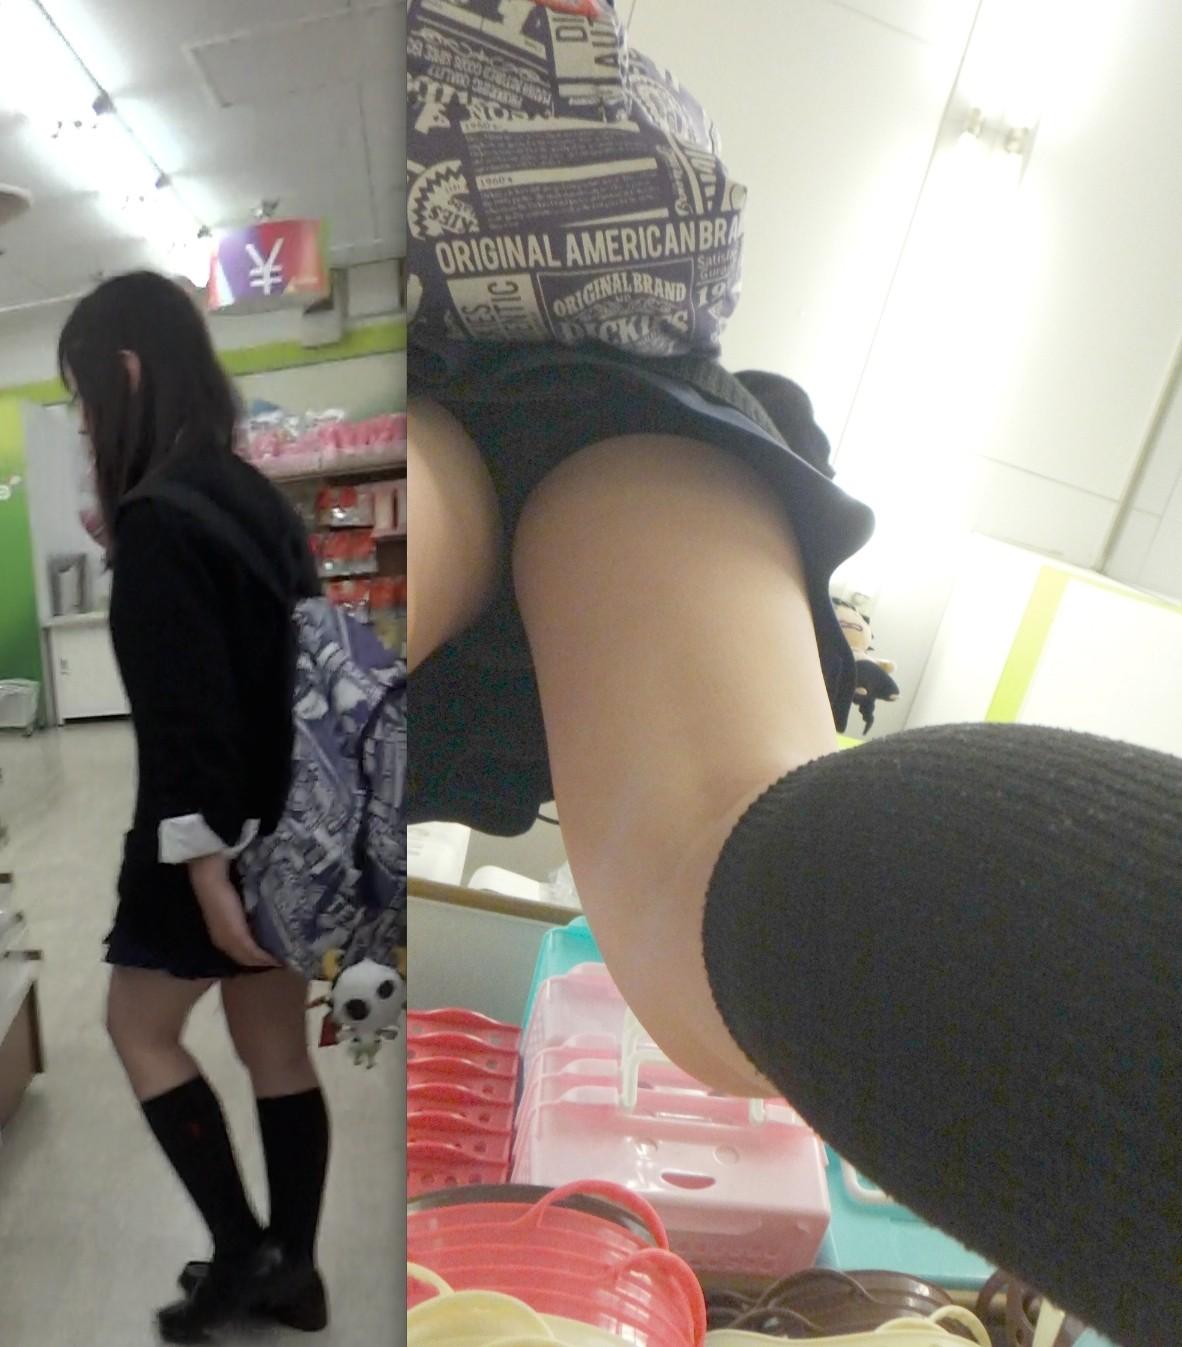 JKが黒色のパンツ履いてたら興奮するわ!